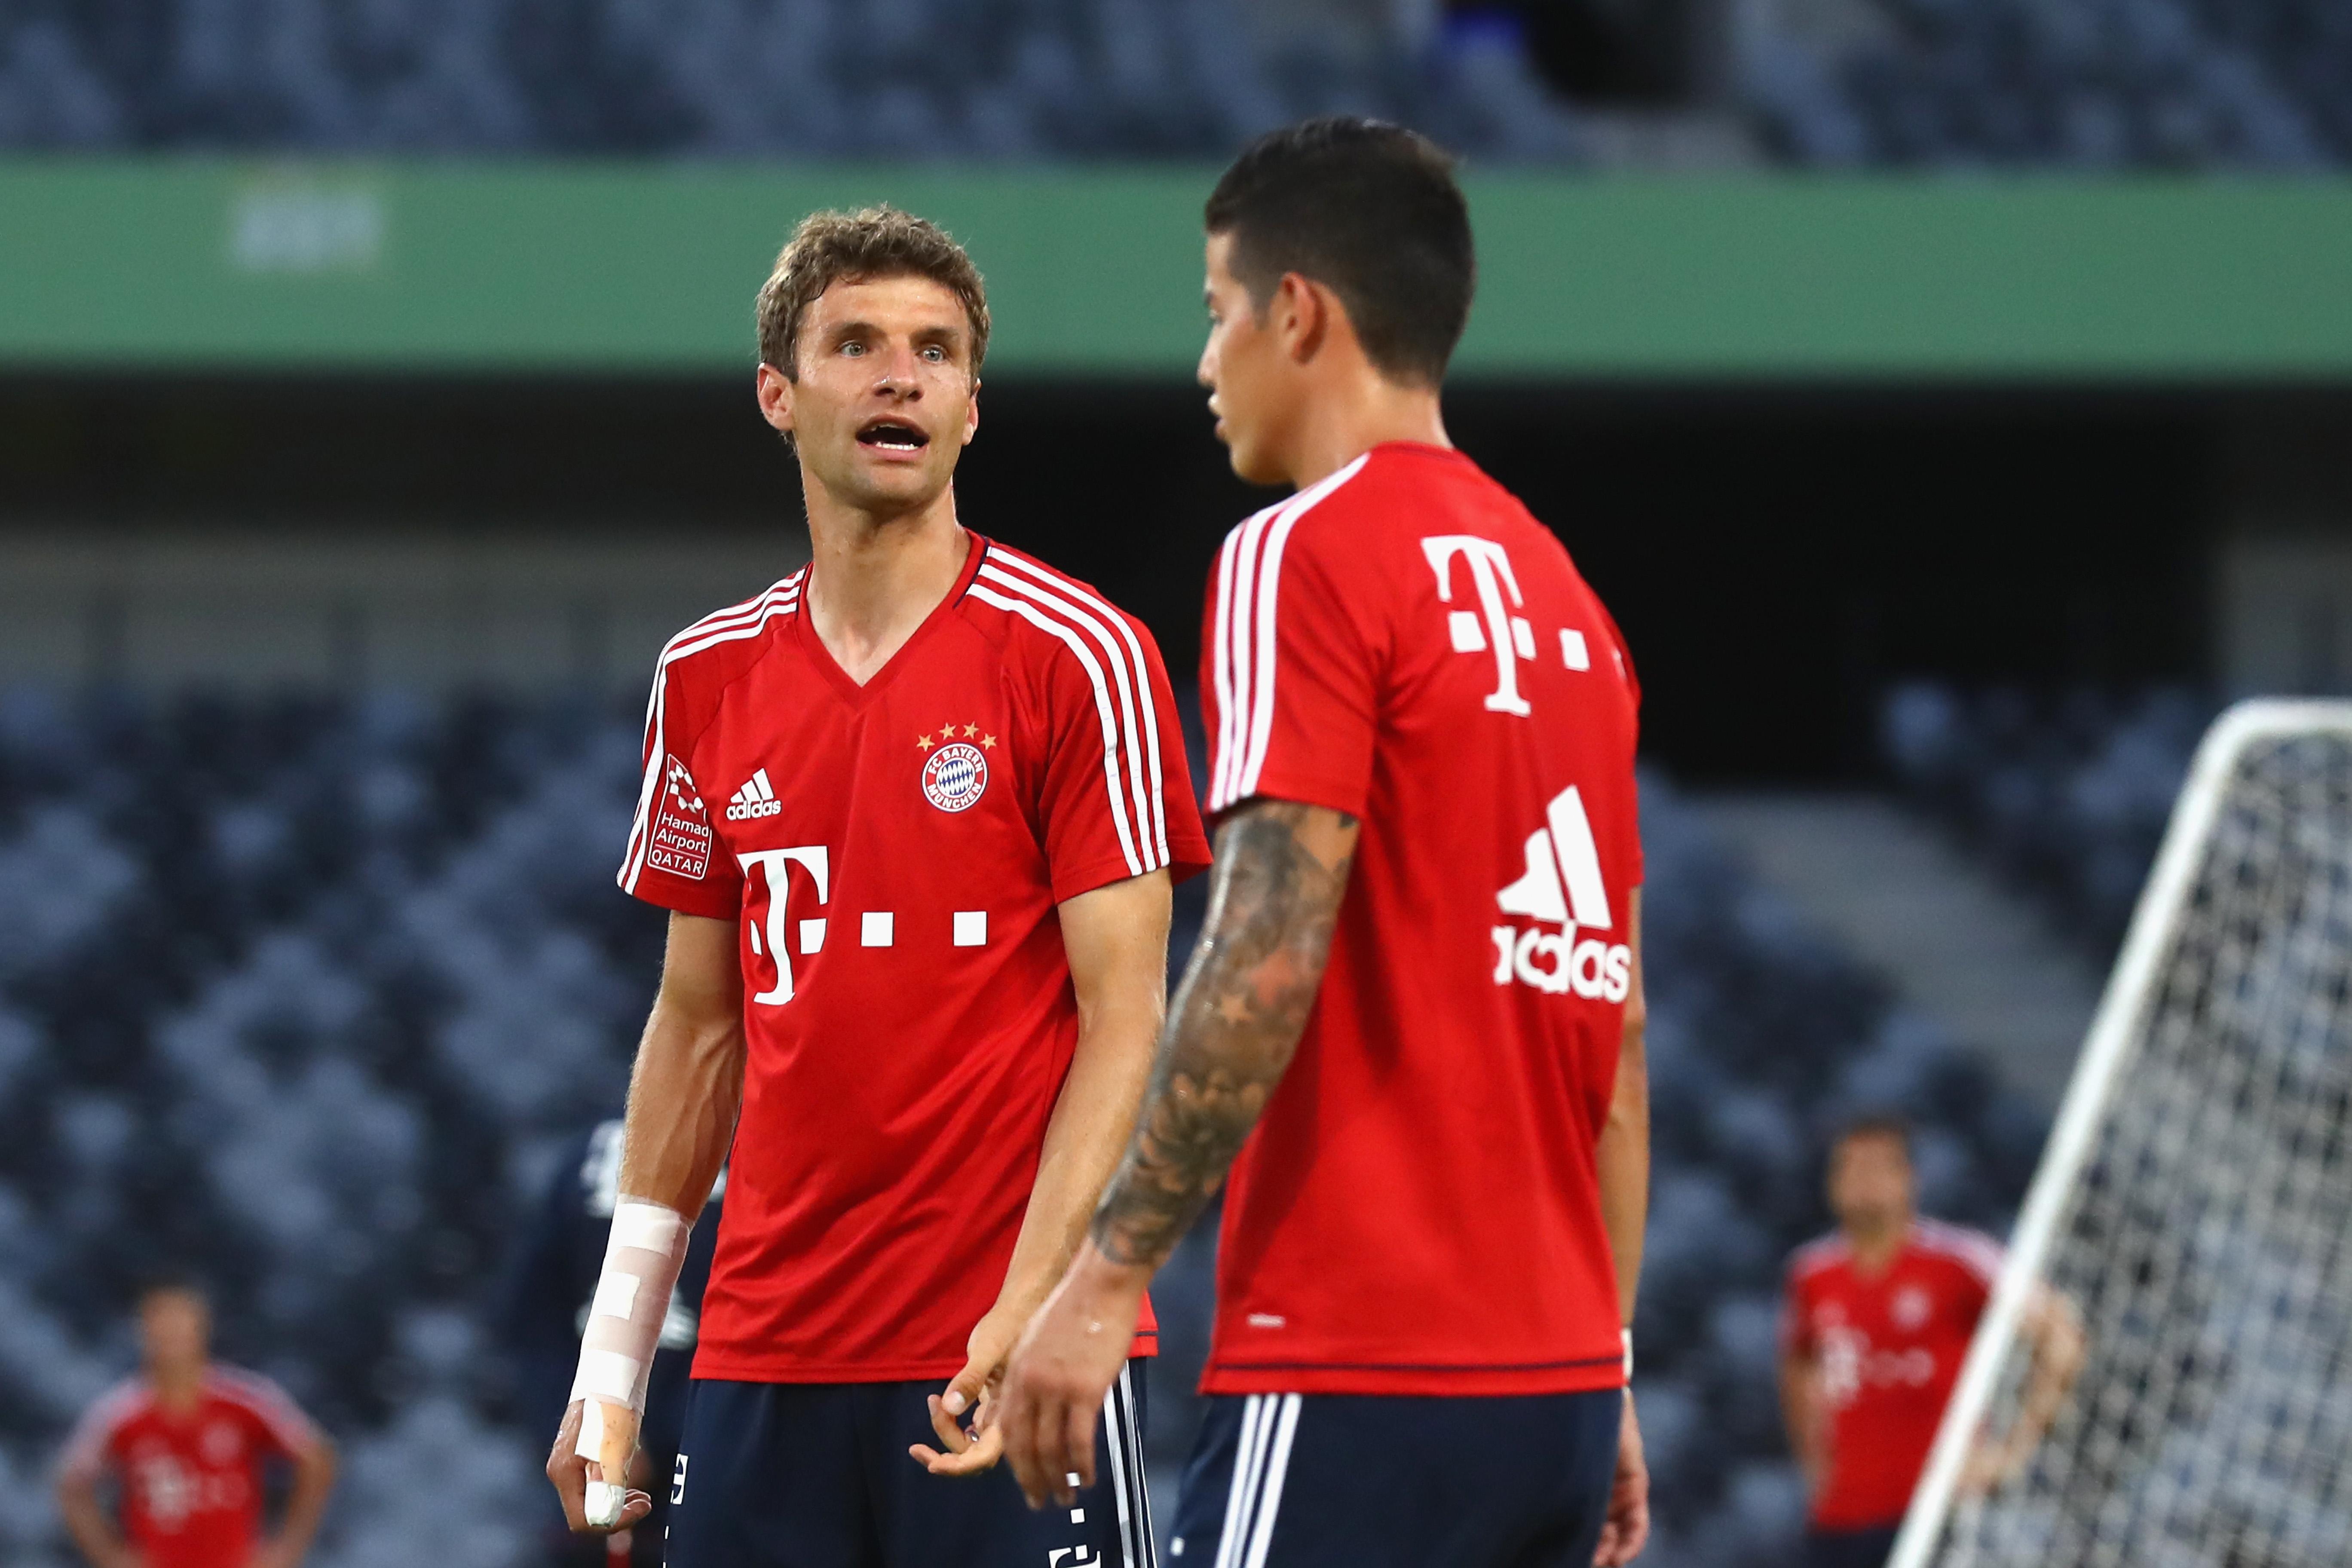 Bayern Munich Carlo Ancelotti must take advantage of Thomas Muller